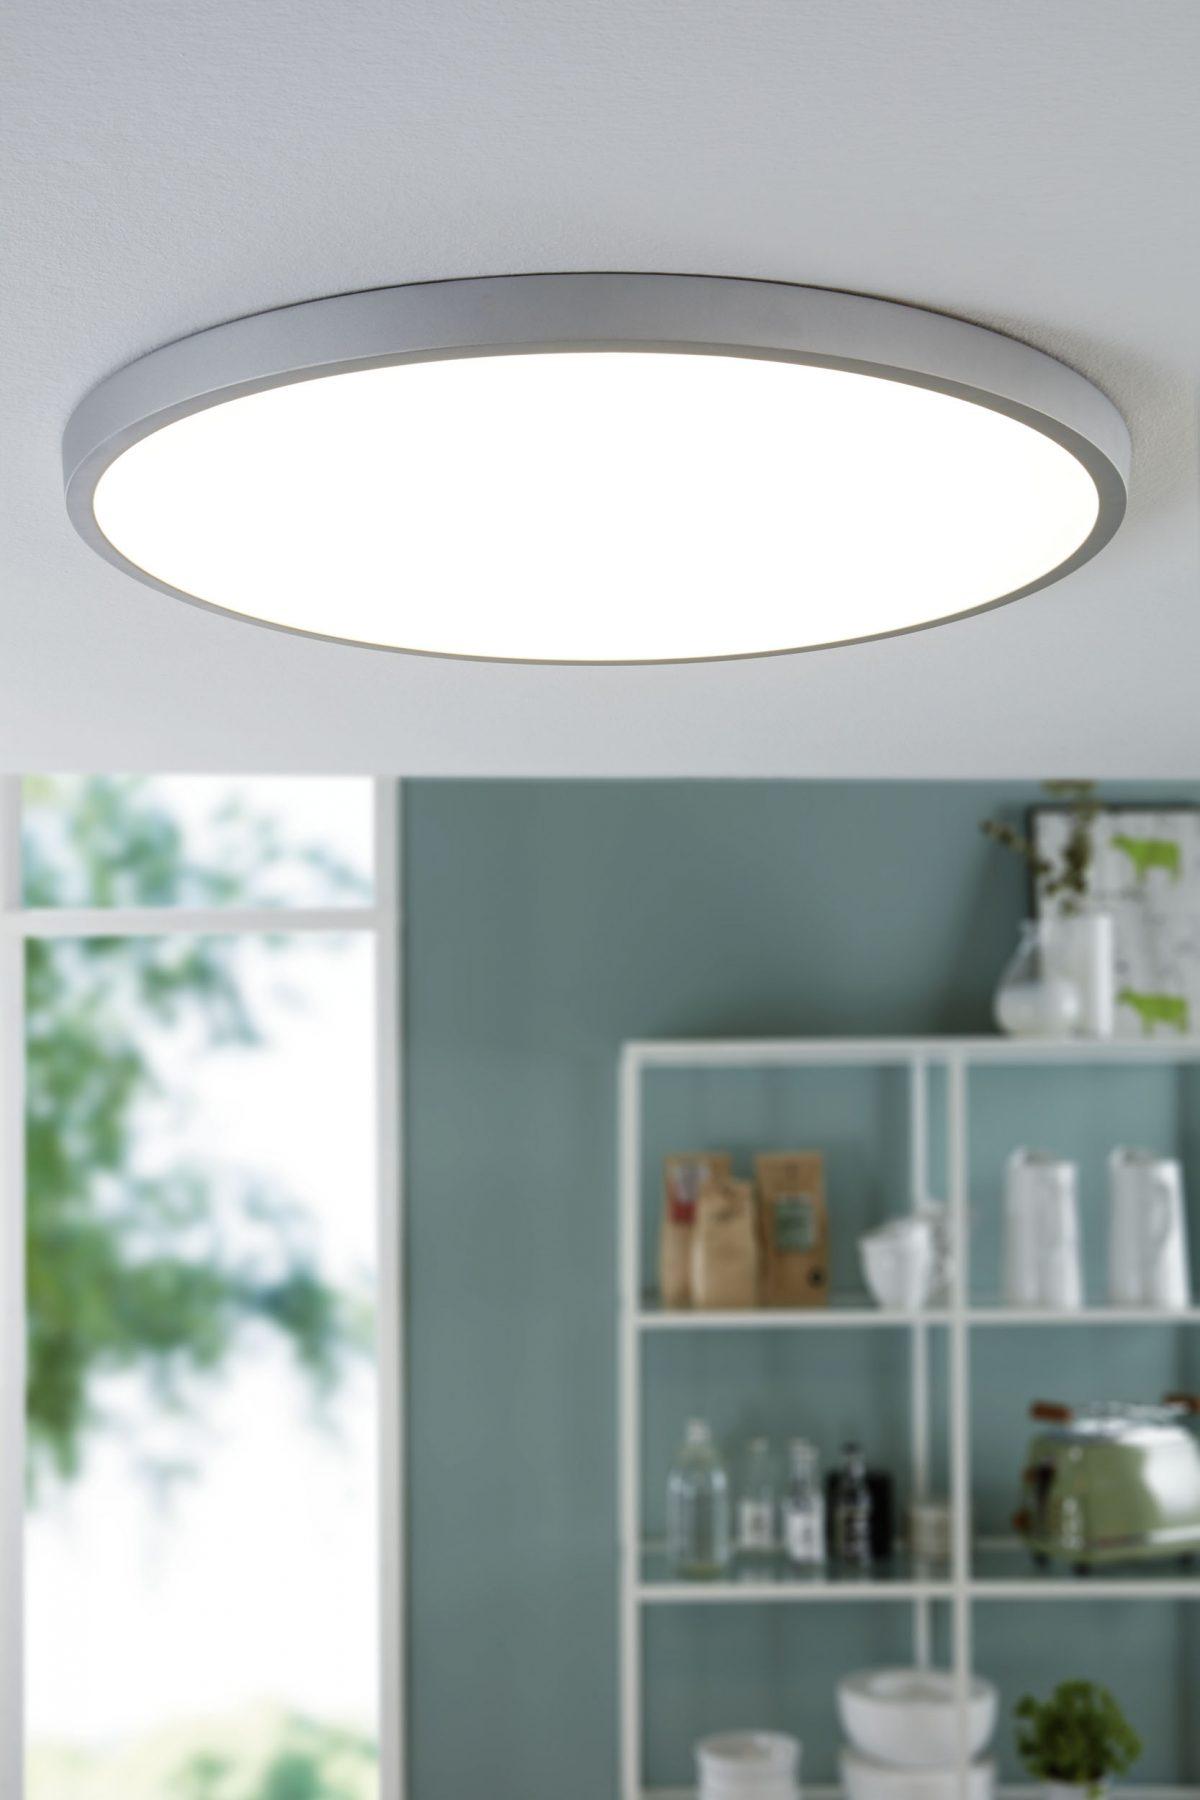 Светильник настенно-потолочный FUEVA 1 EGLO 97552 - Фото №30